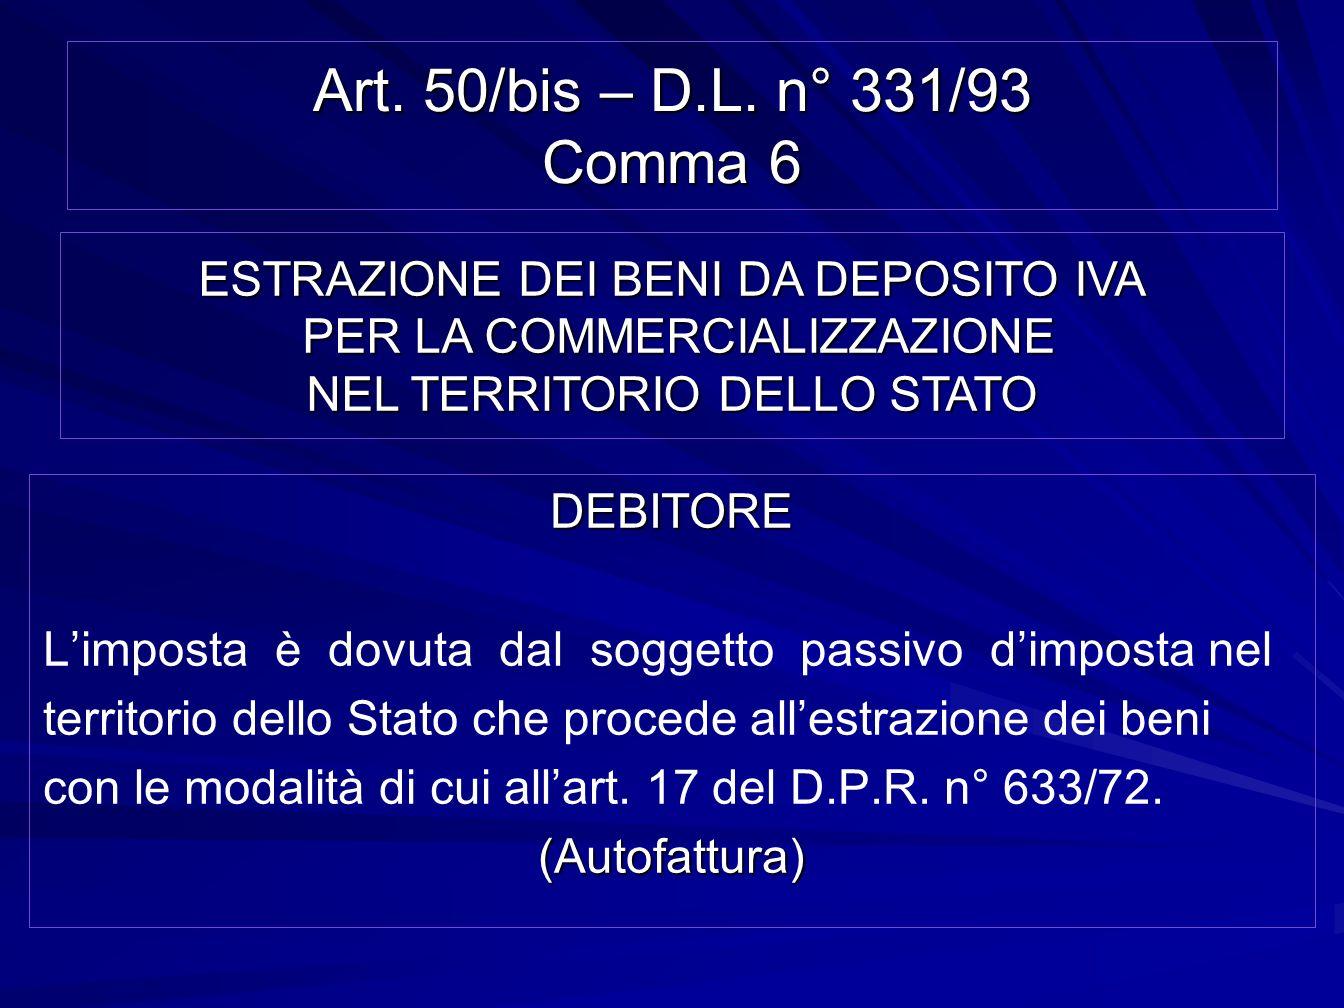 Art. 50/bis – D.L. n° 331/93 Comma 6 DEBITORE Limposta è dovuta dal soggetto passivo dimposta nel territorio dello Stato che procede allestrazione dei